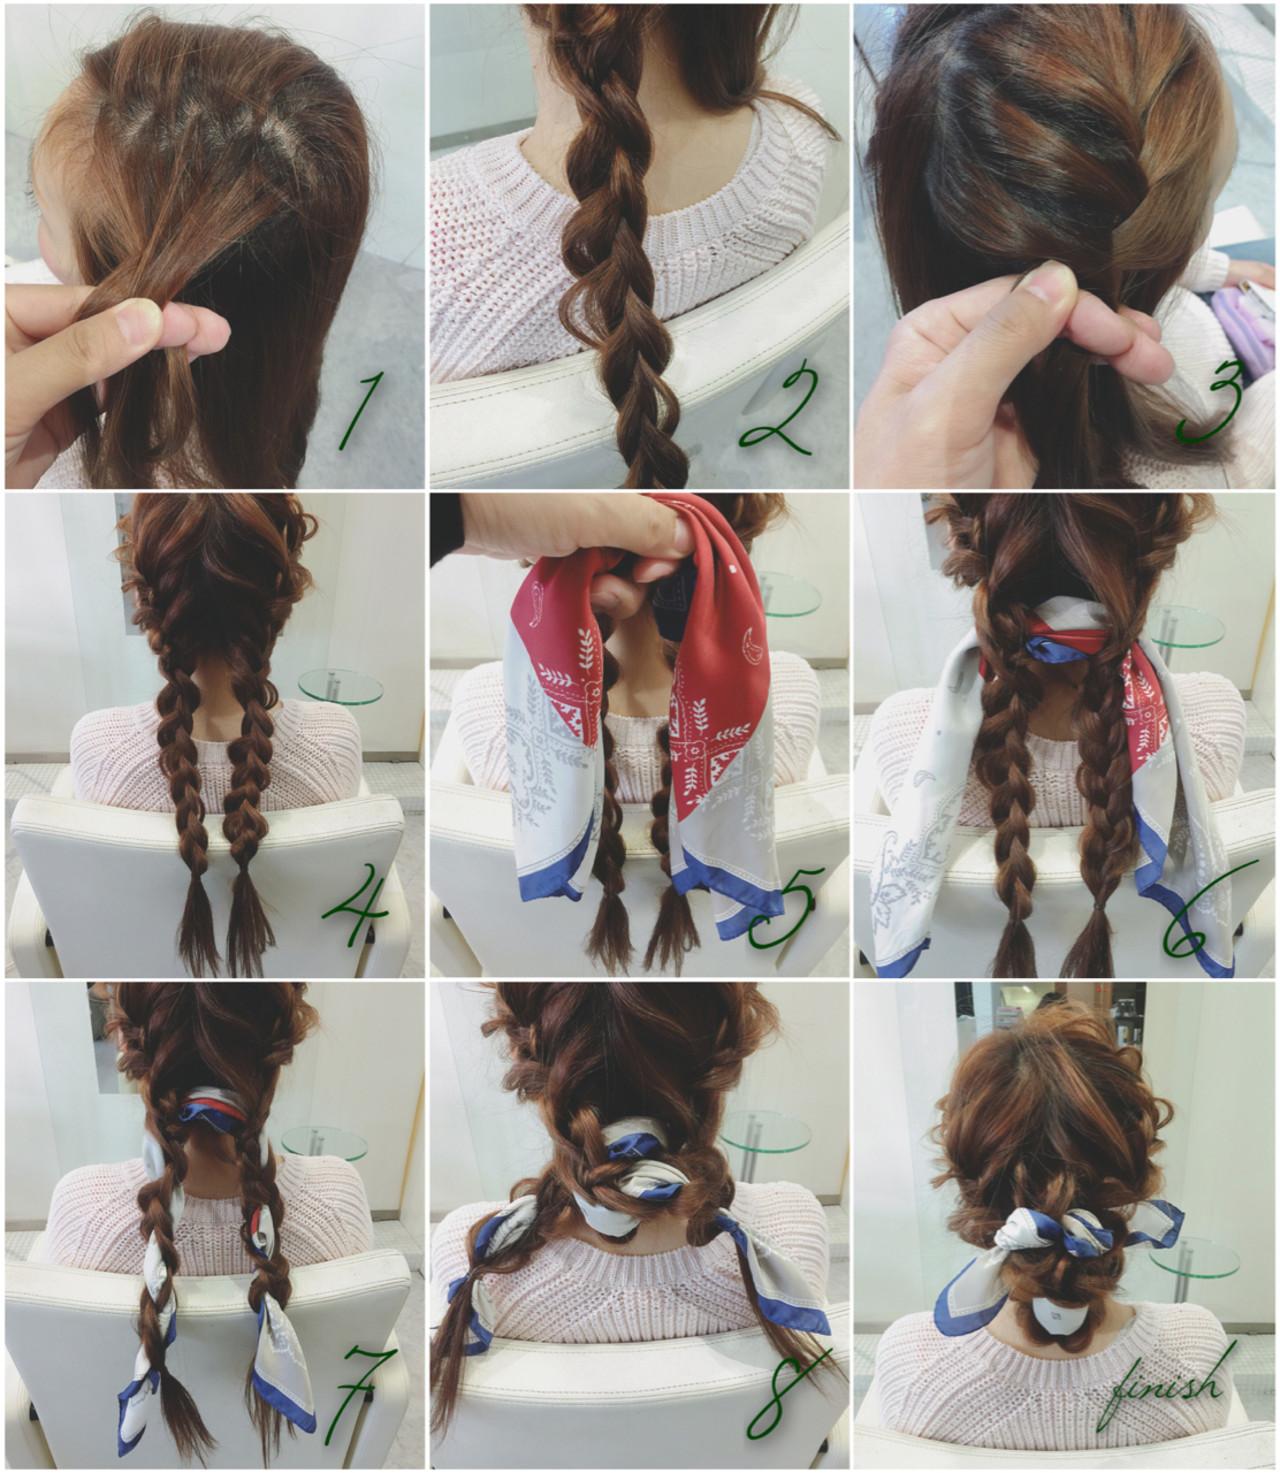 シンプルファッションにマッチ!バンダナを使ったおすすめヘアアレンジ takashi cawamura | HAIR & MAKE•UP TAXI